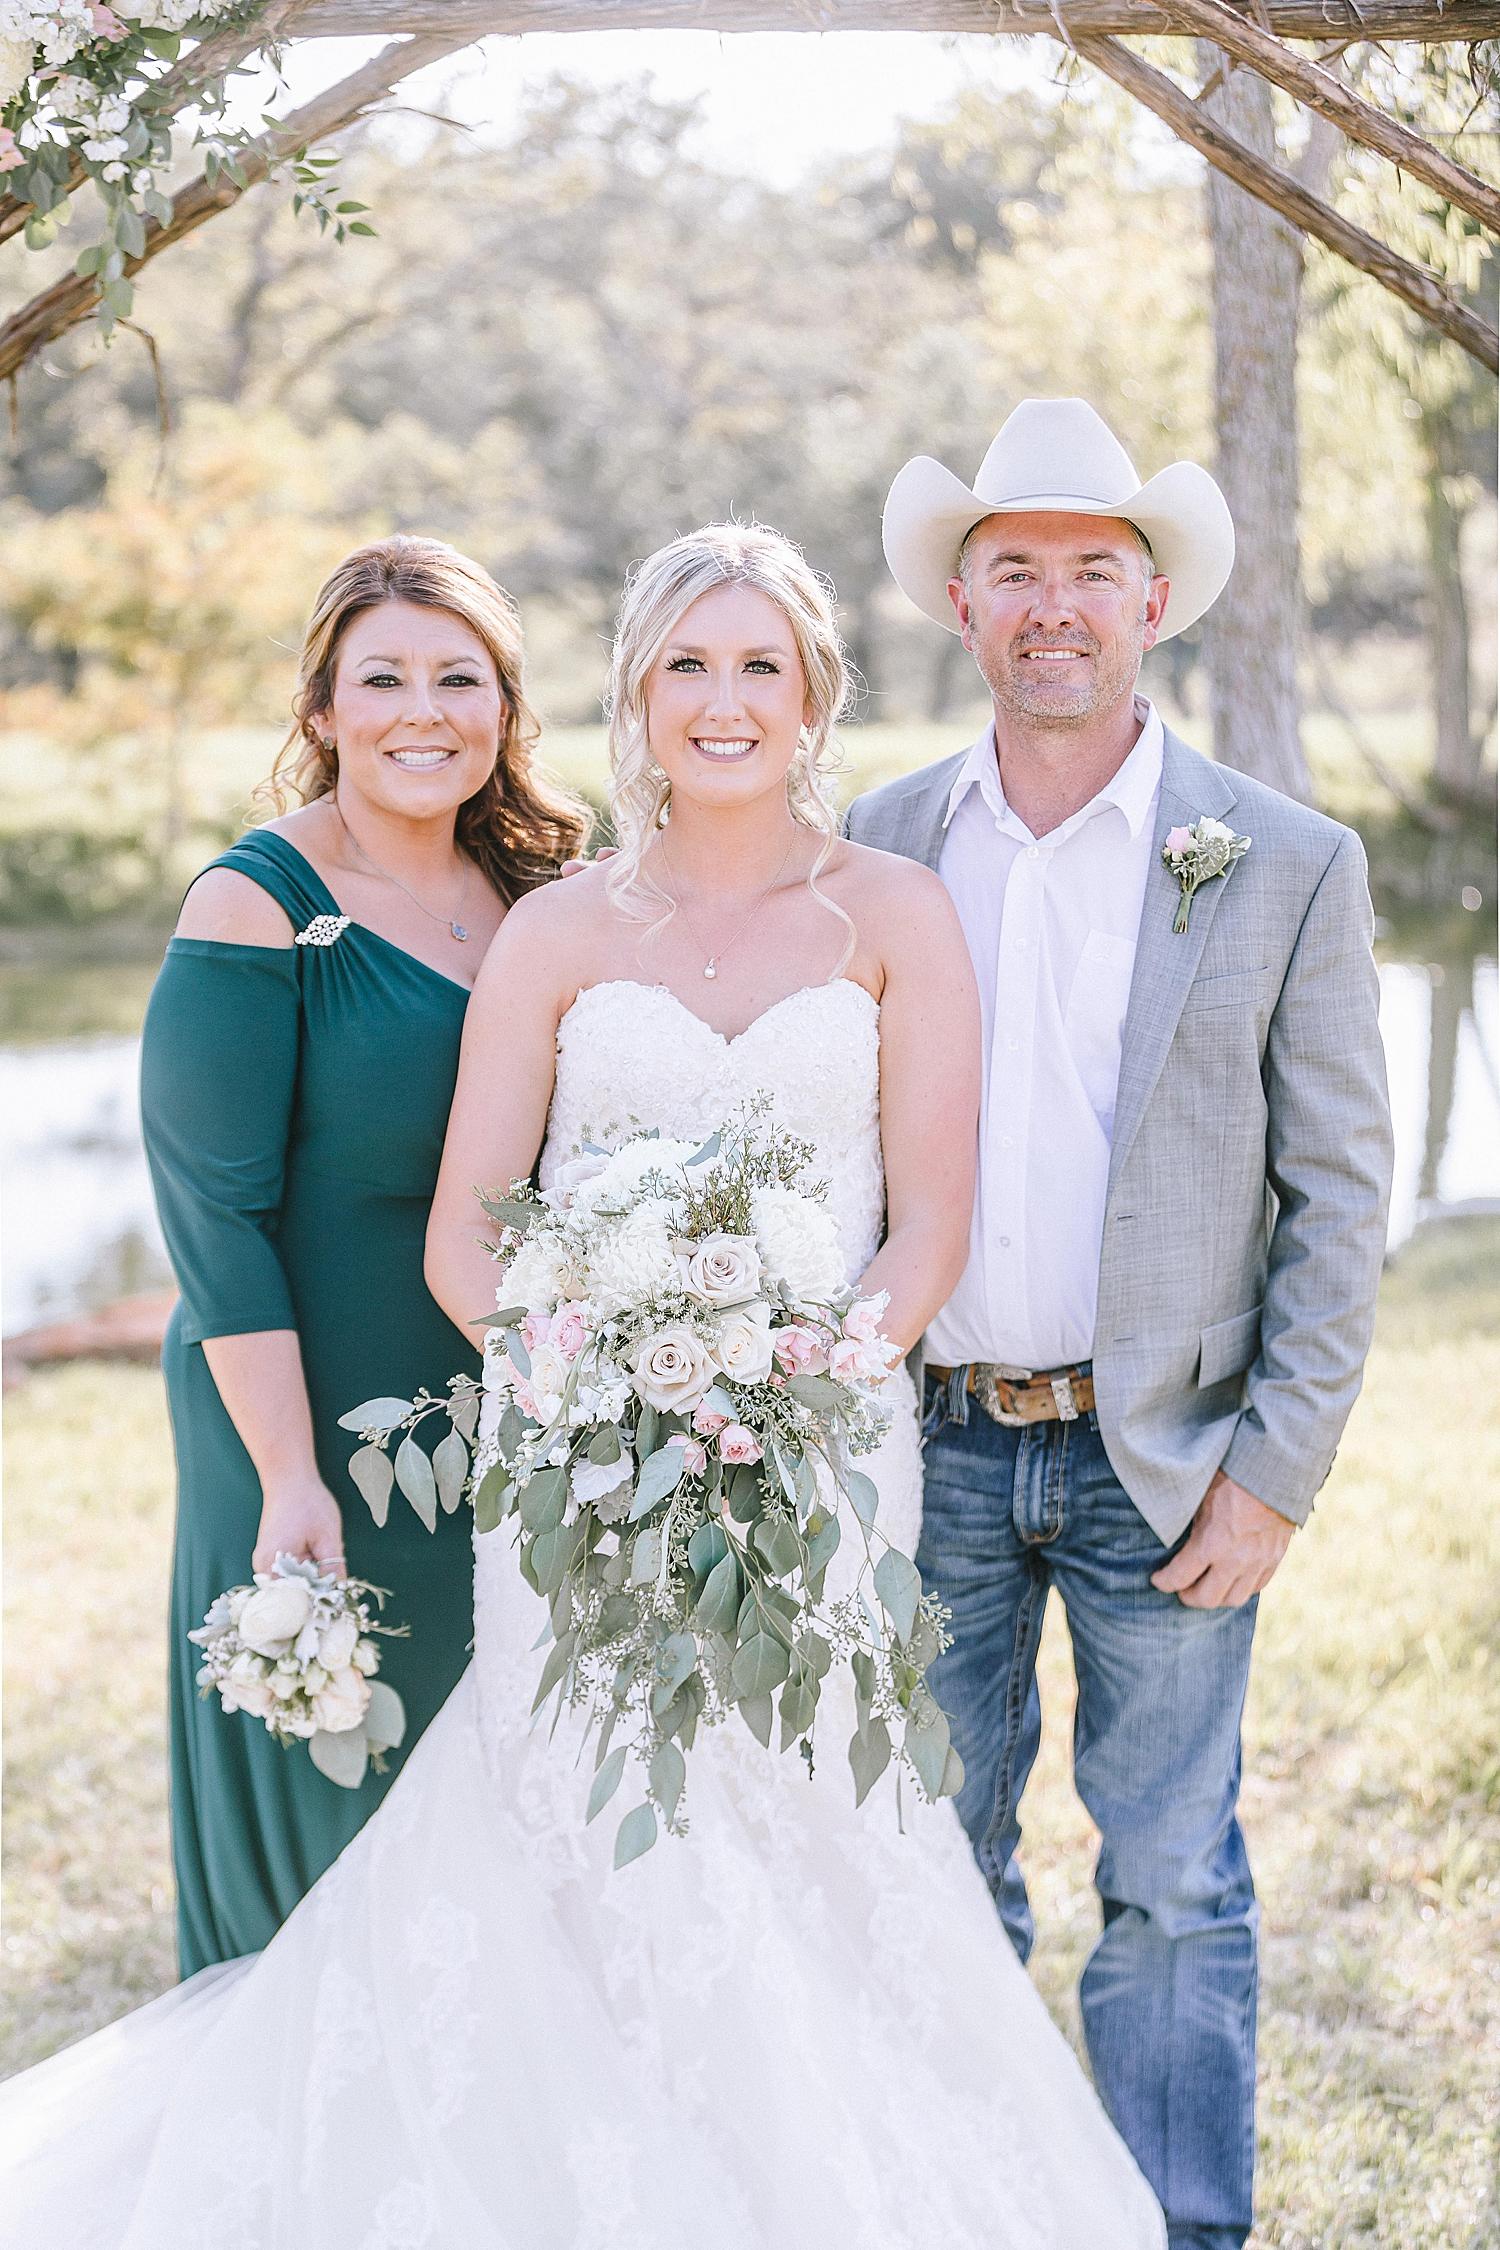 Rackler-Ranch-LaVernia-Texas-Wedding-Carly-Barton-Photography_0062.jpg